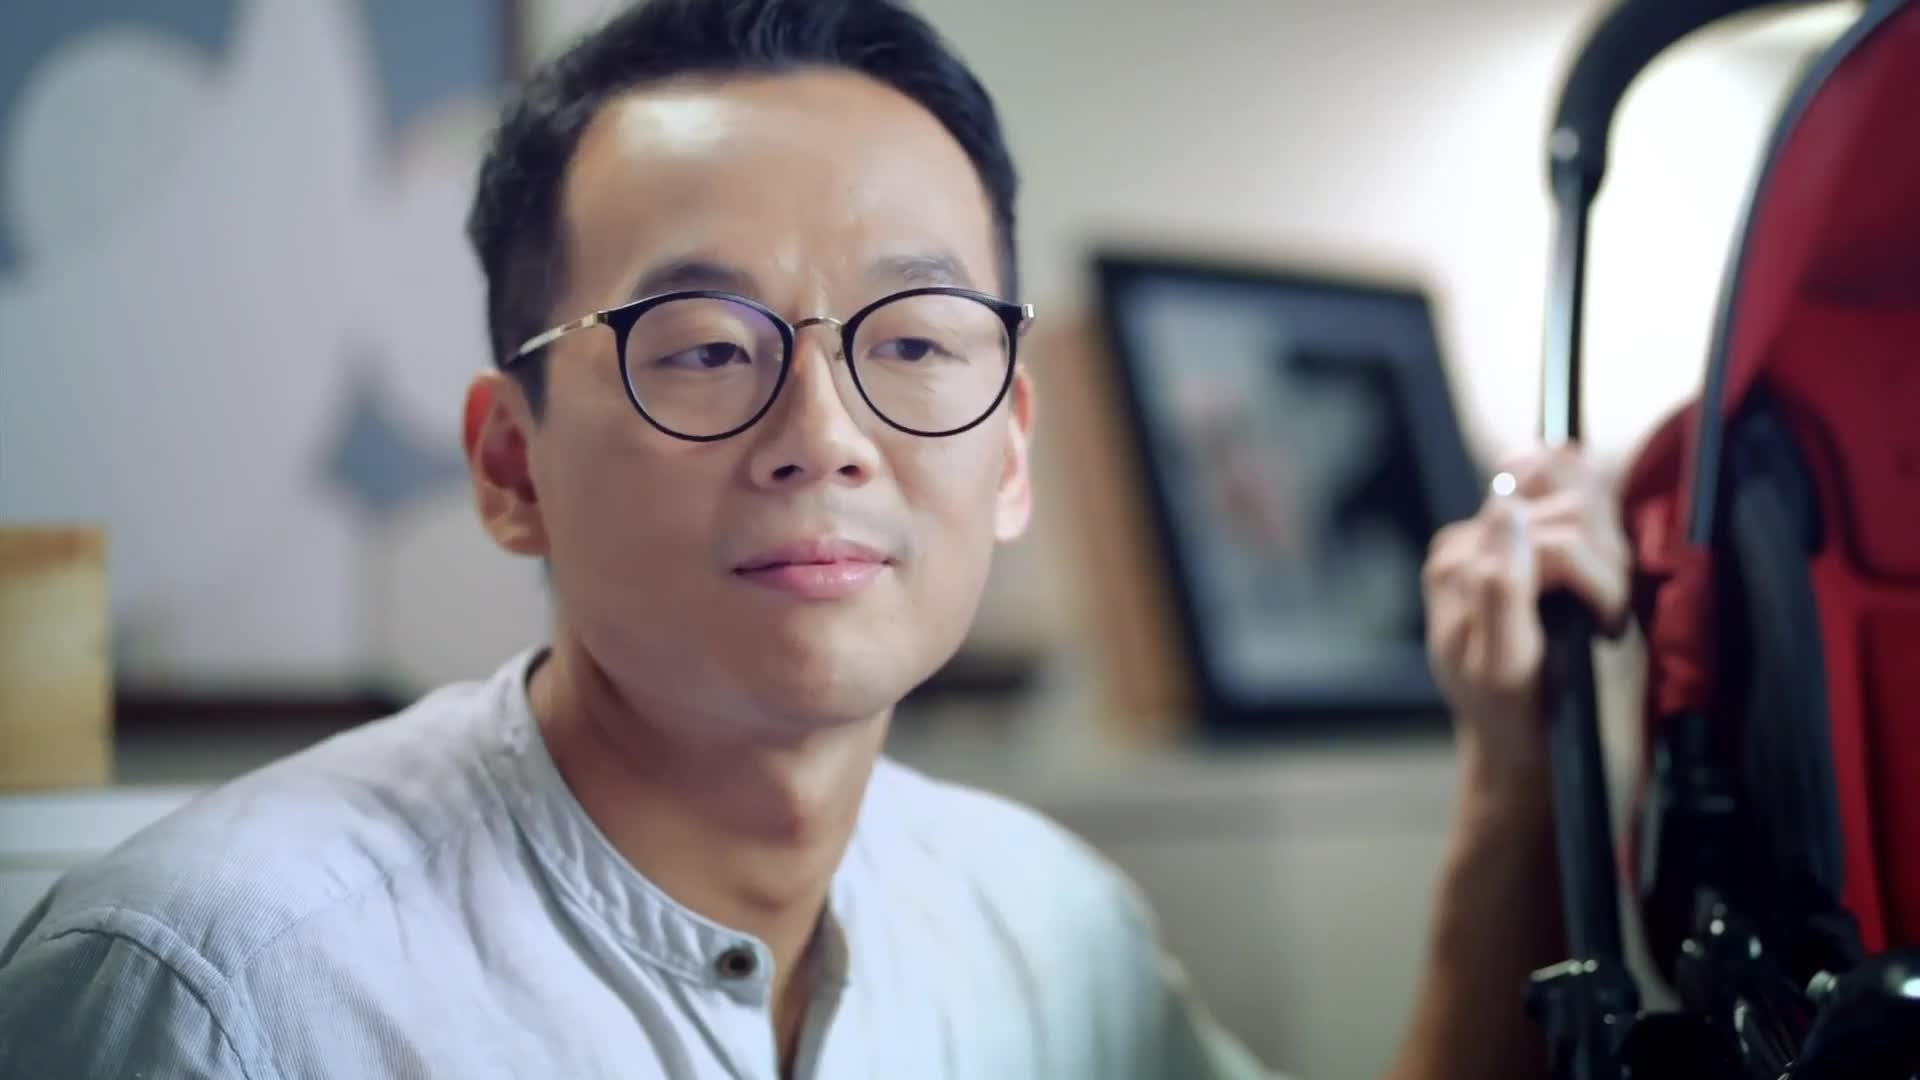 央视广告欣赏-UA i-Money 网上钱